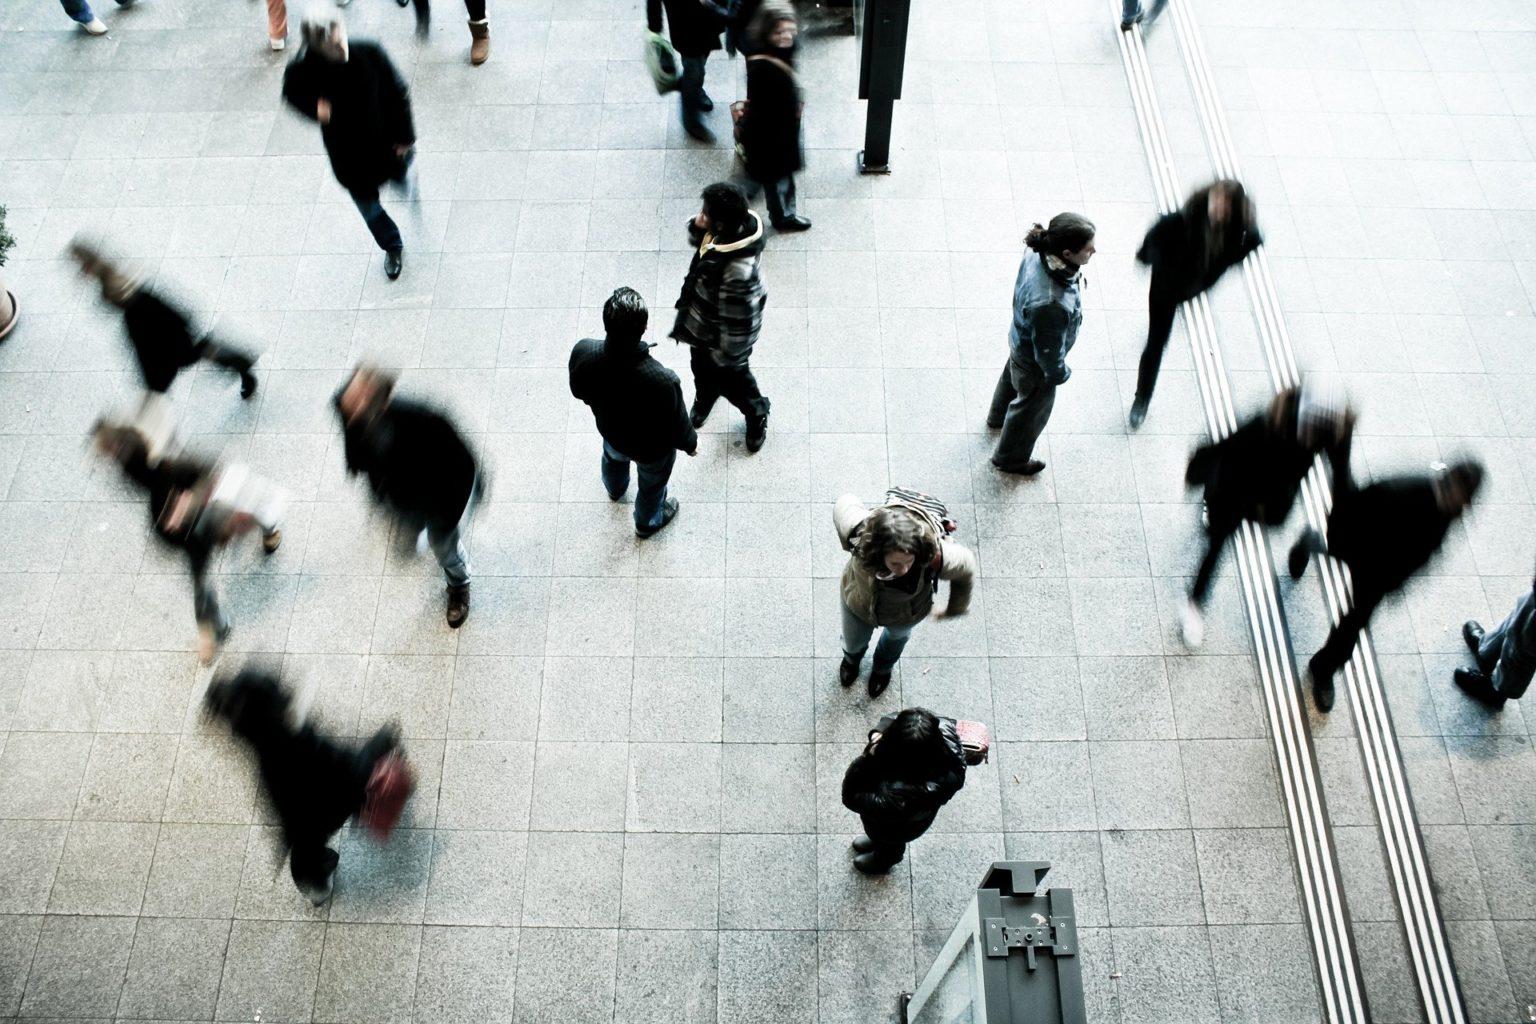 pedestrians-